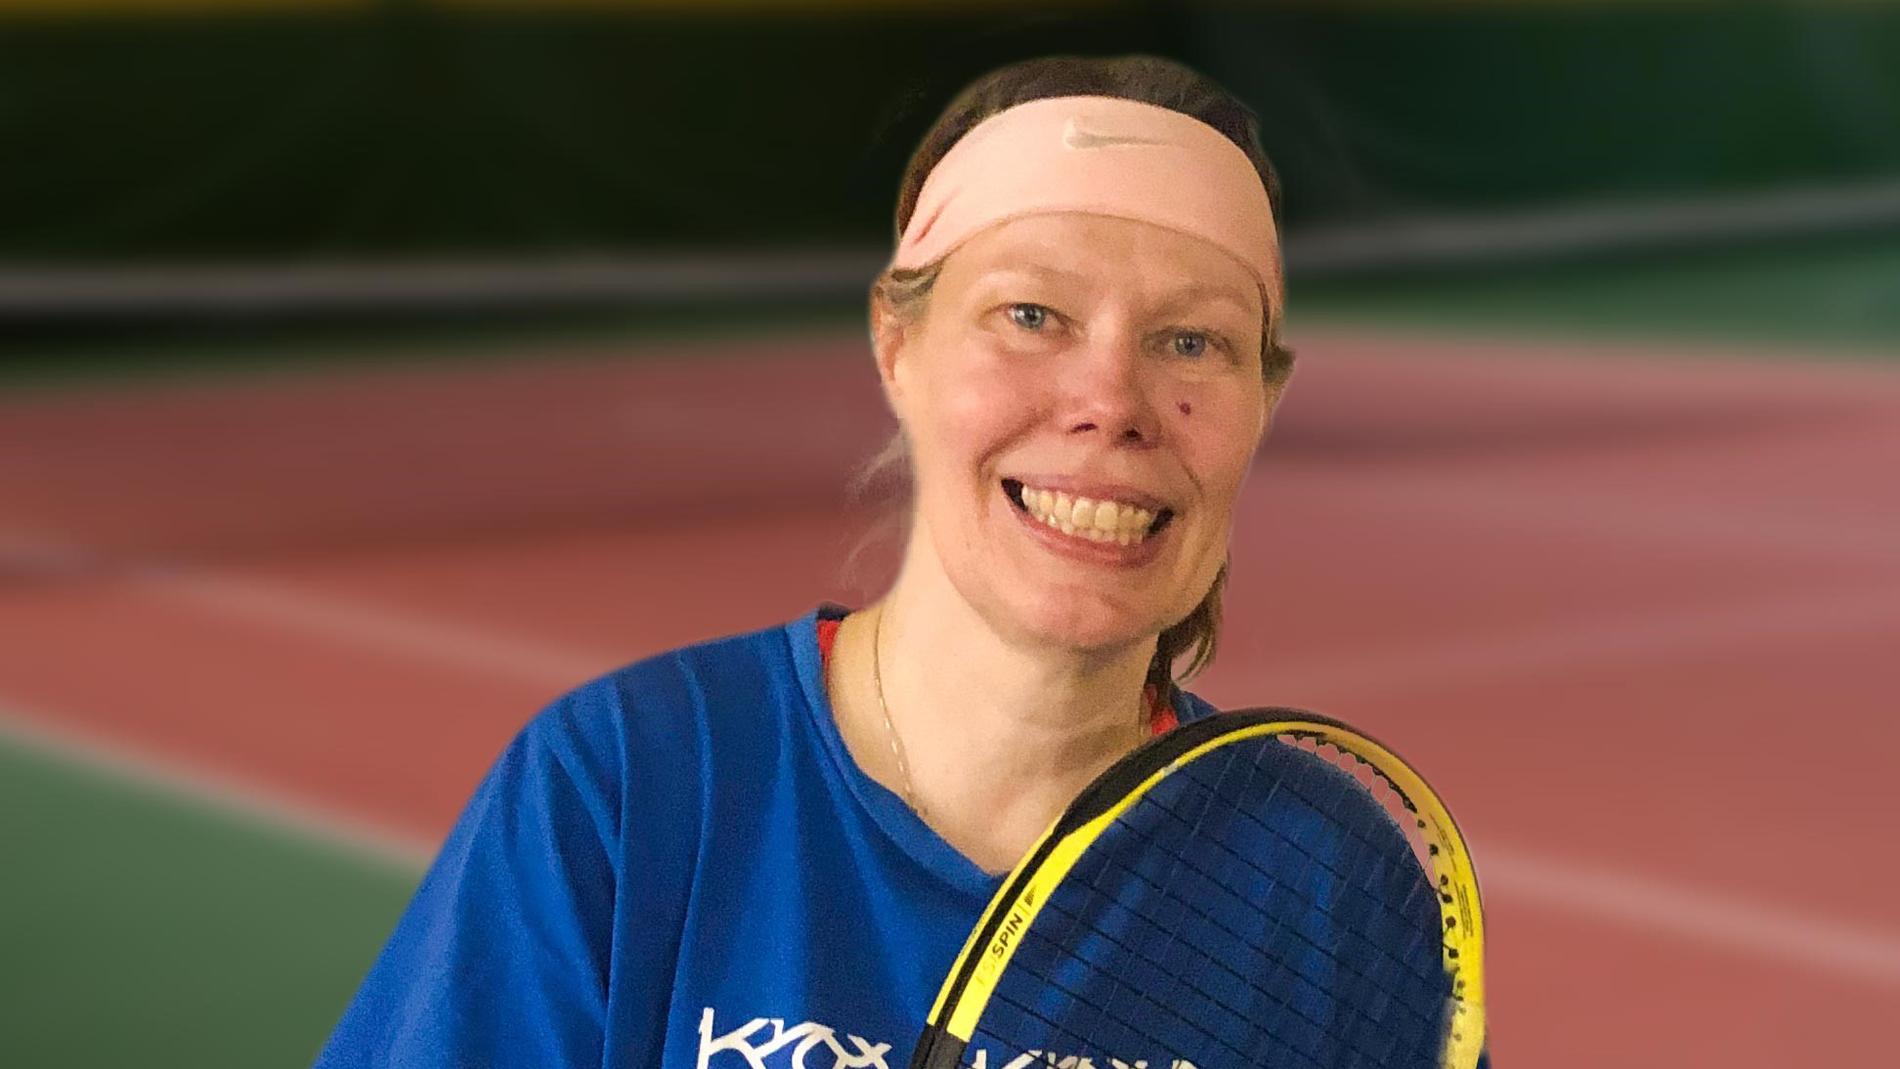 """Suzanne, 52, ska ha skickat ett sms till vänner i den lokala tennisklubben samma dag som hon försvann.  """"Det var konstigt formulerat, inte skrivet på ett sätt som hon skulle ha gjort"""", har Tina, en av Suzannes tenniskamrater, tidigare sagt till Aftonbladet."""